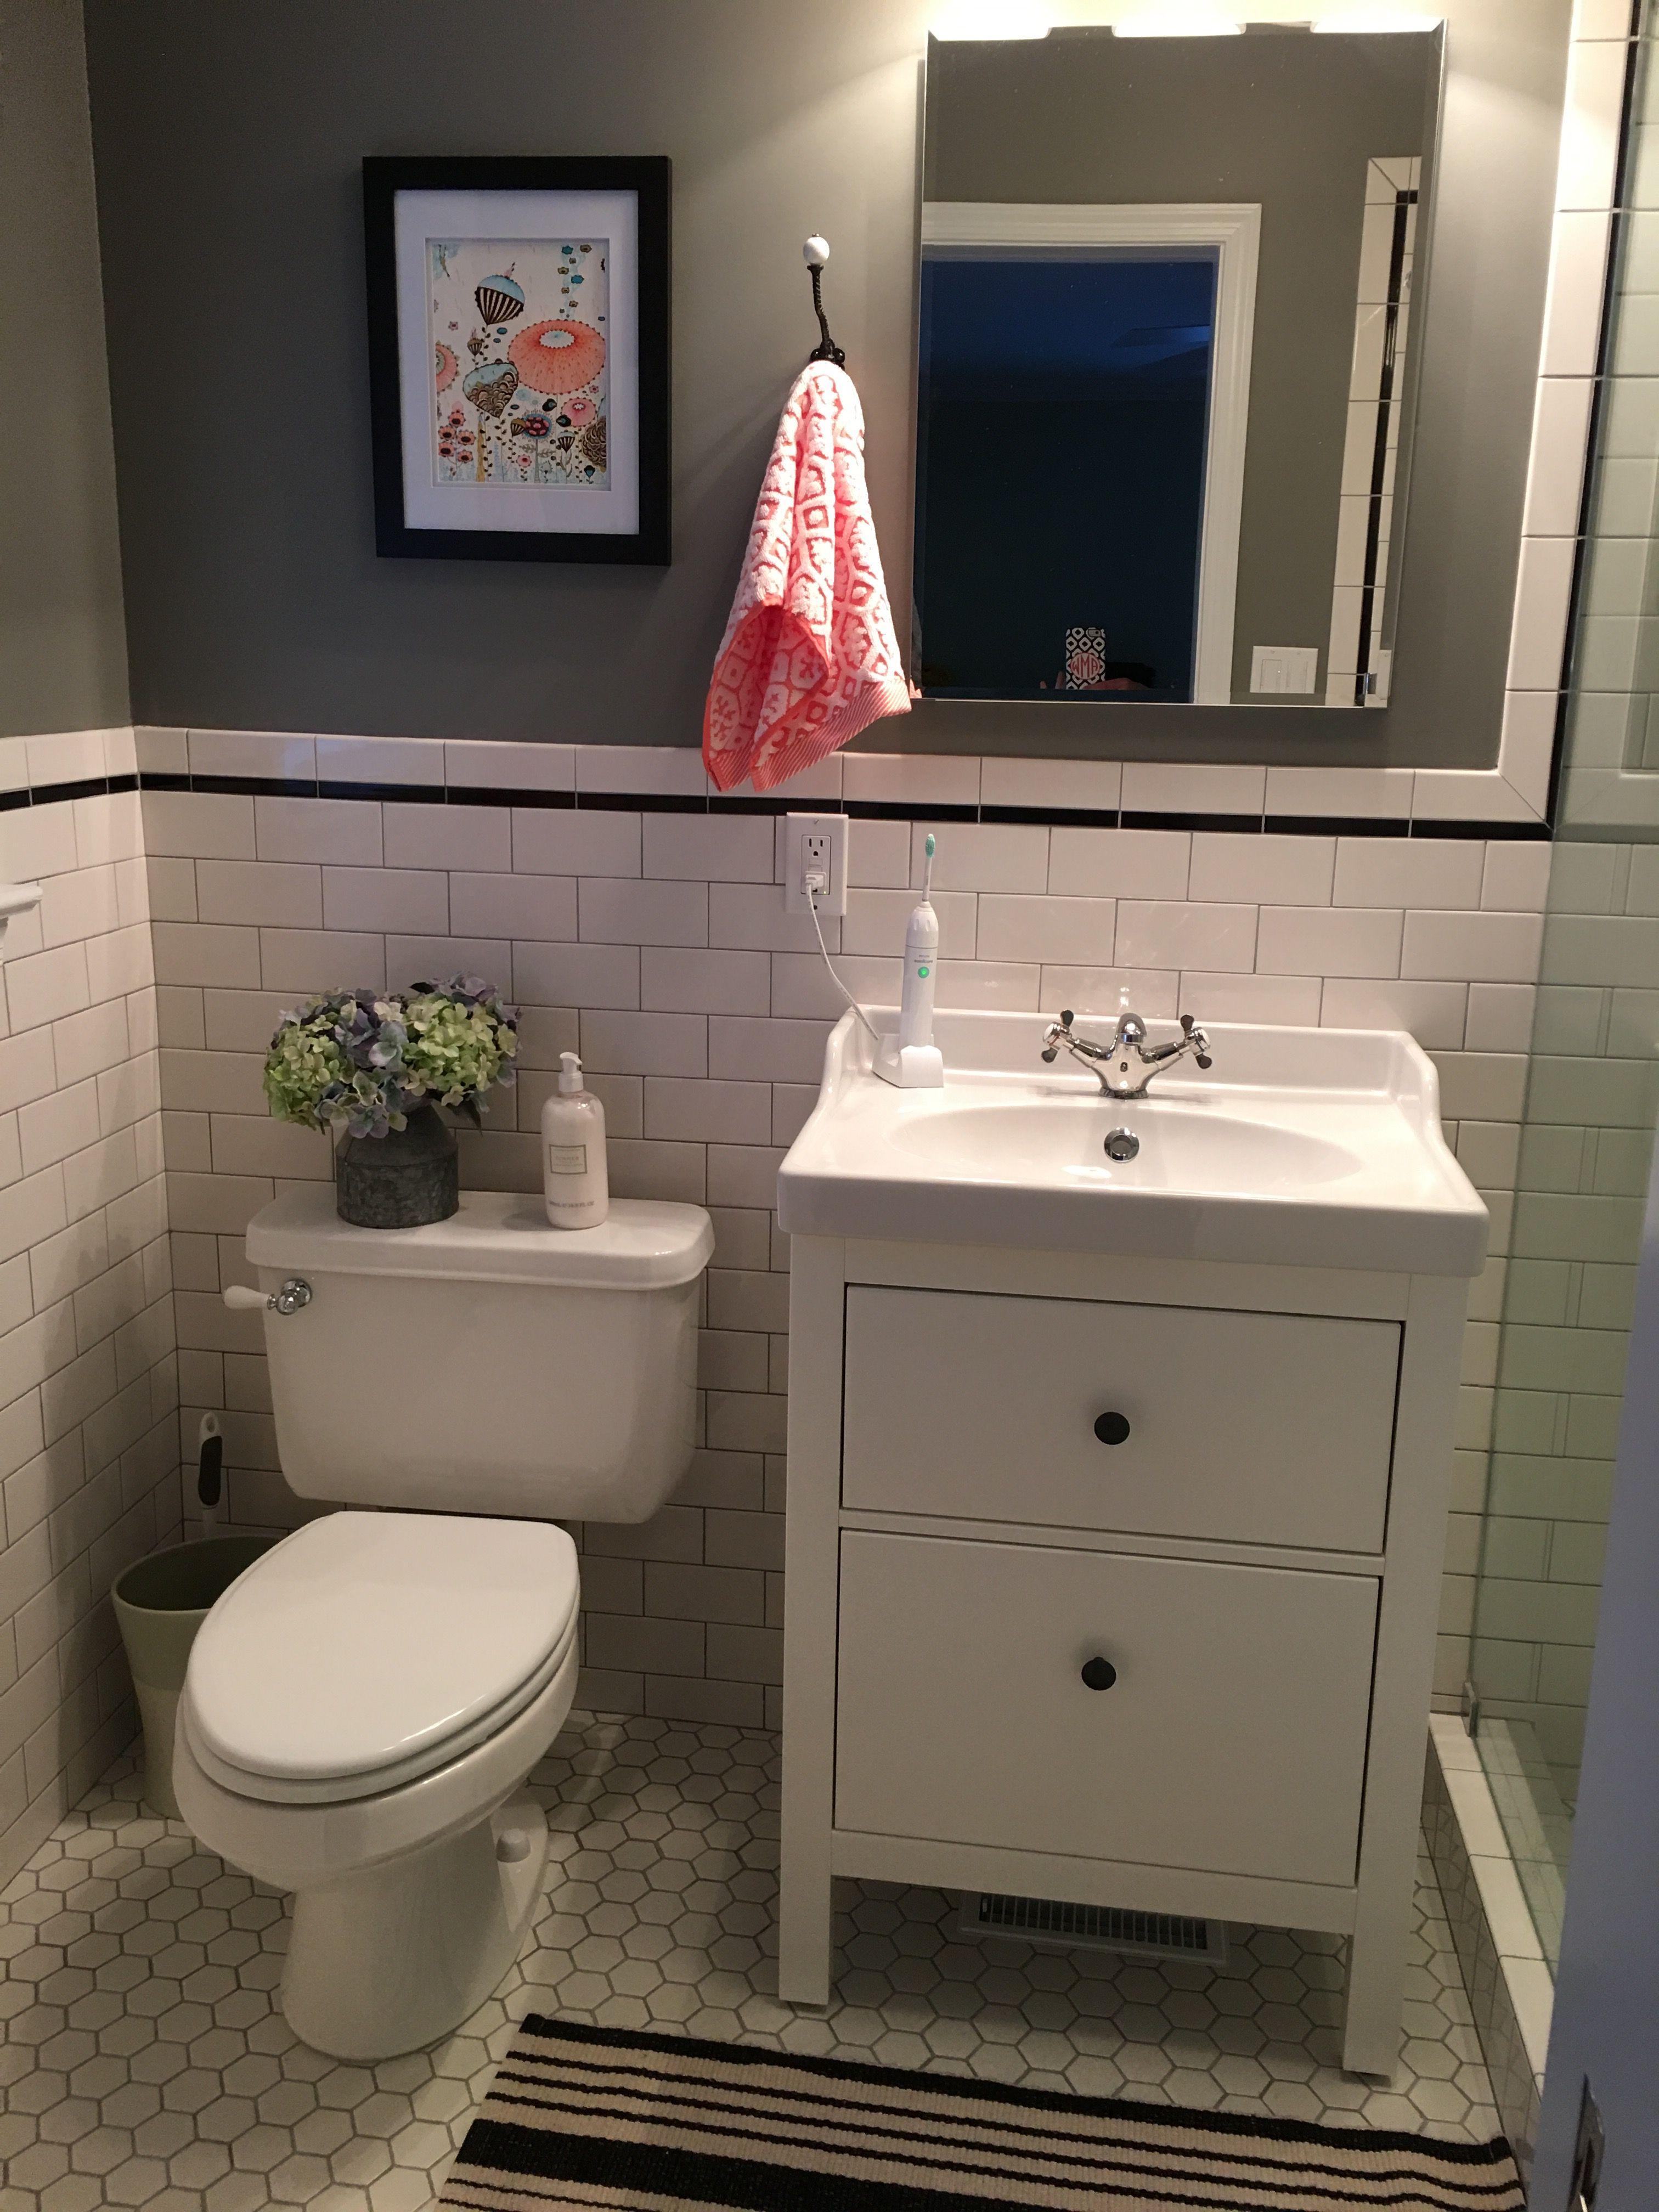 IKEA Hemnes Bathroom Vanity Bathroom remodel Pinterest